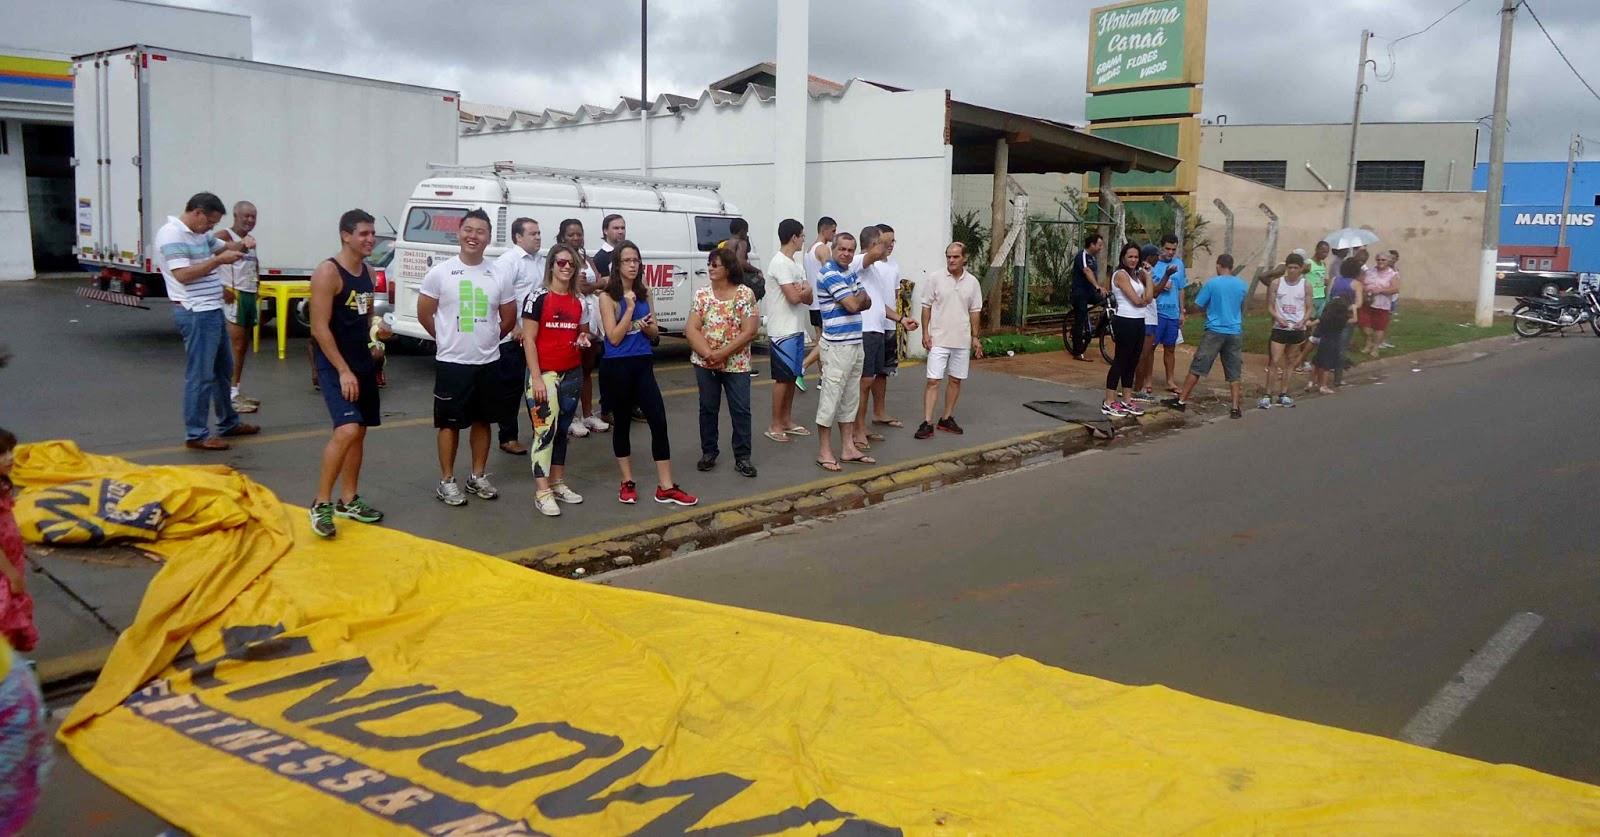 Foto 156 da 1ª Corrida Av. dos Coqueiros em Barretos-SP 14/04/2013 – Atletas cruzando a linha de chegada